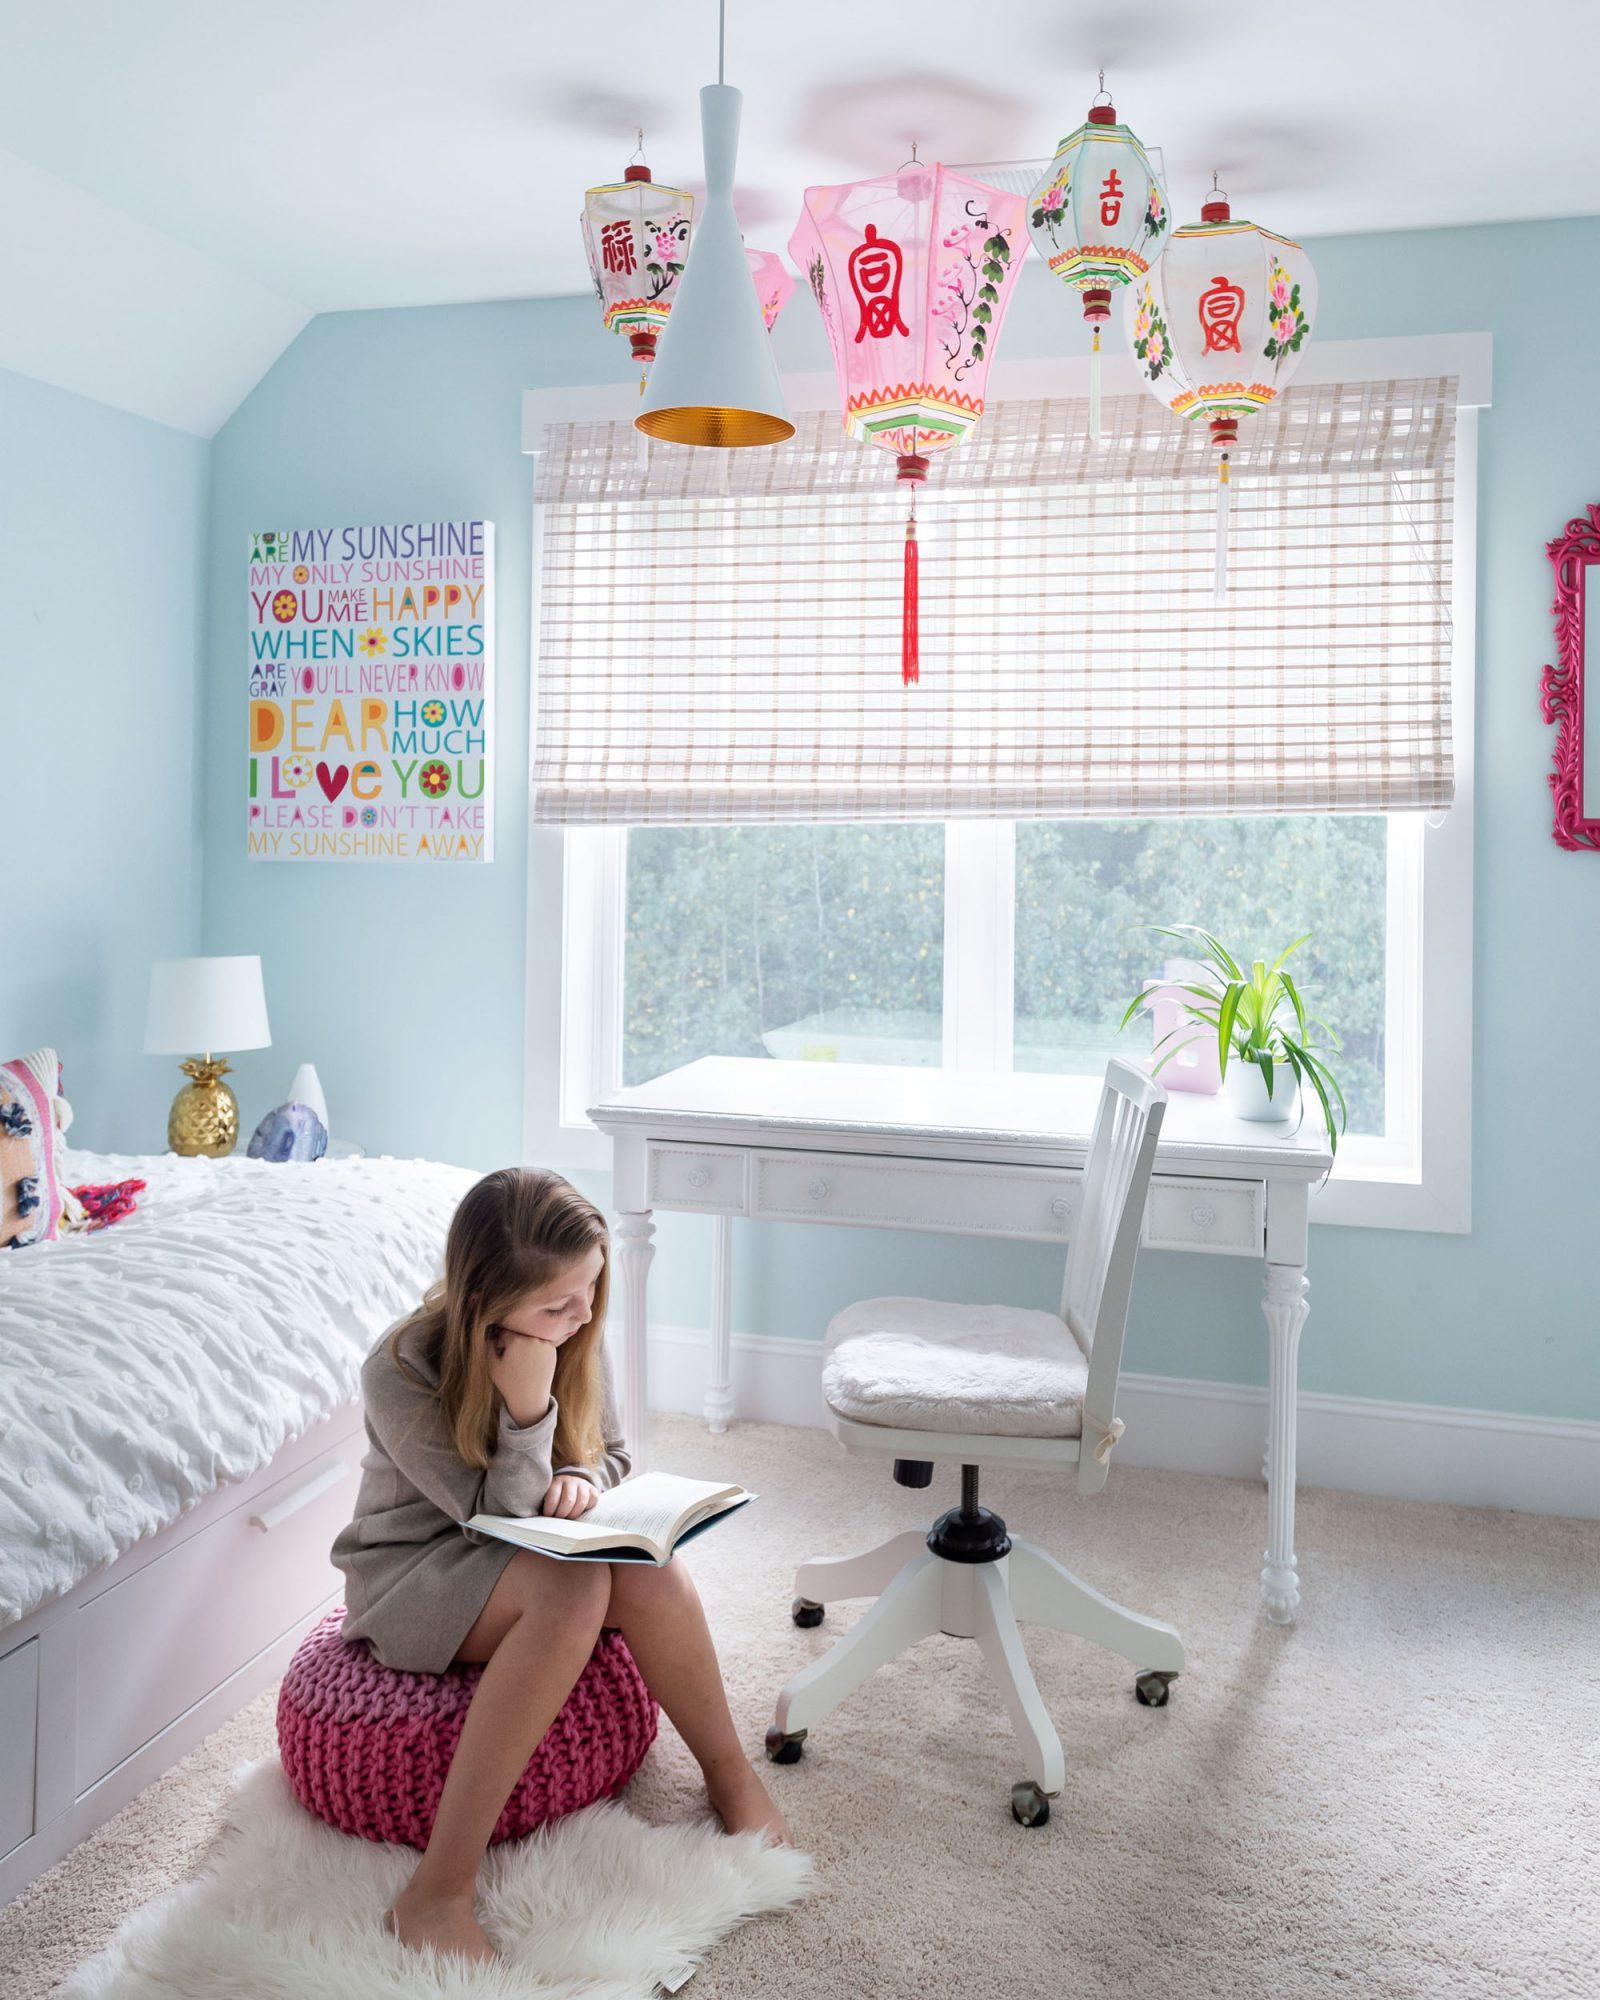 girl sitting in bedroom reading